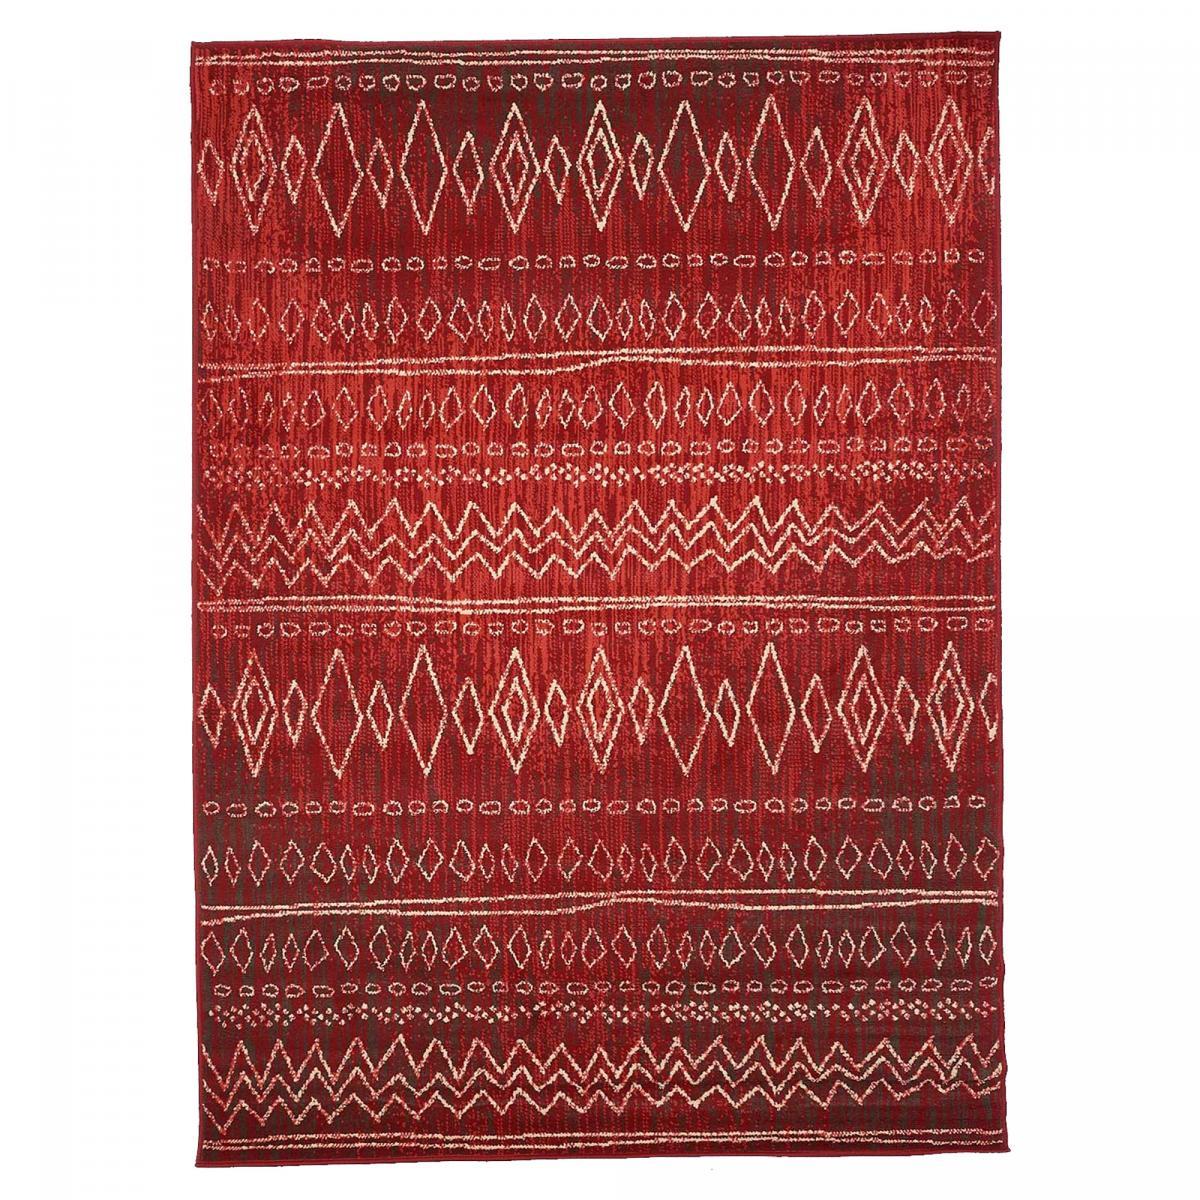 Tapis berbère style en polypropylène rouge 60x110